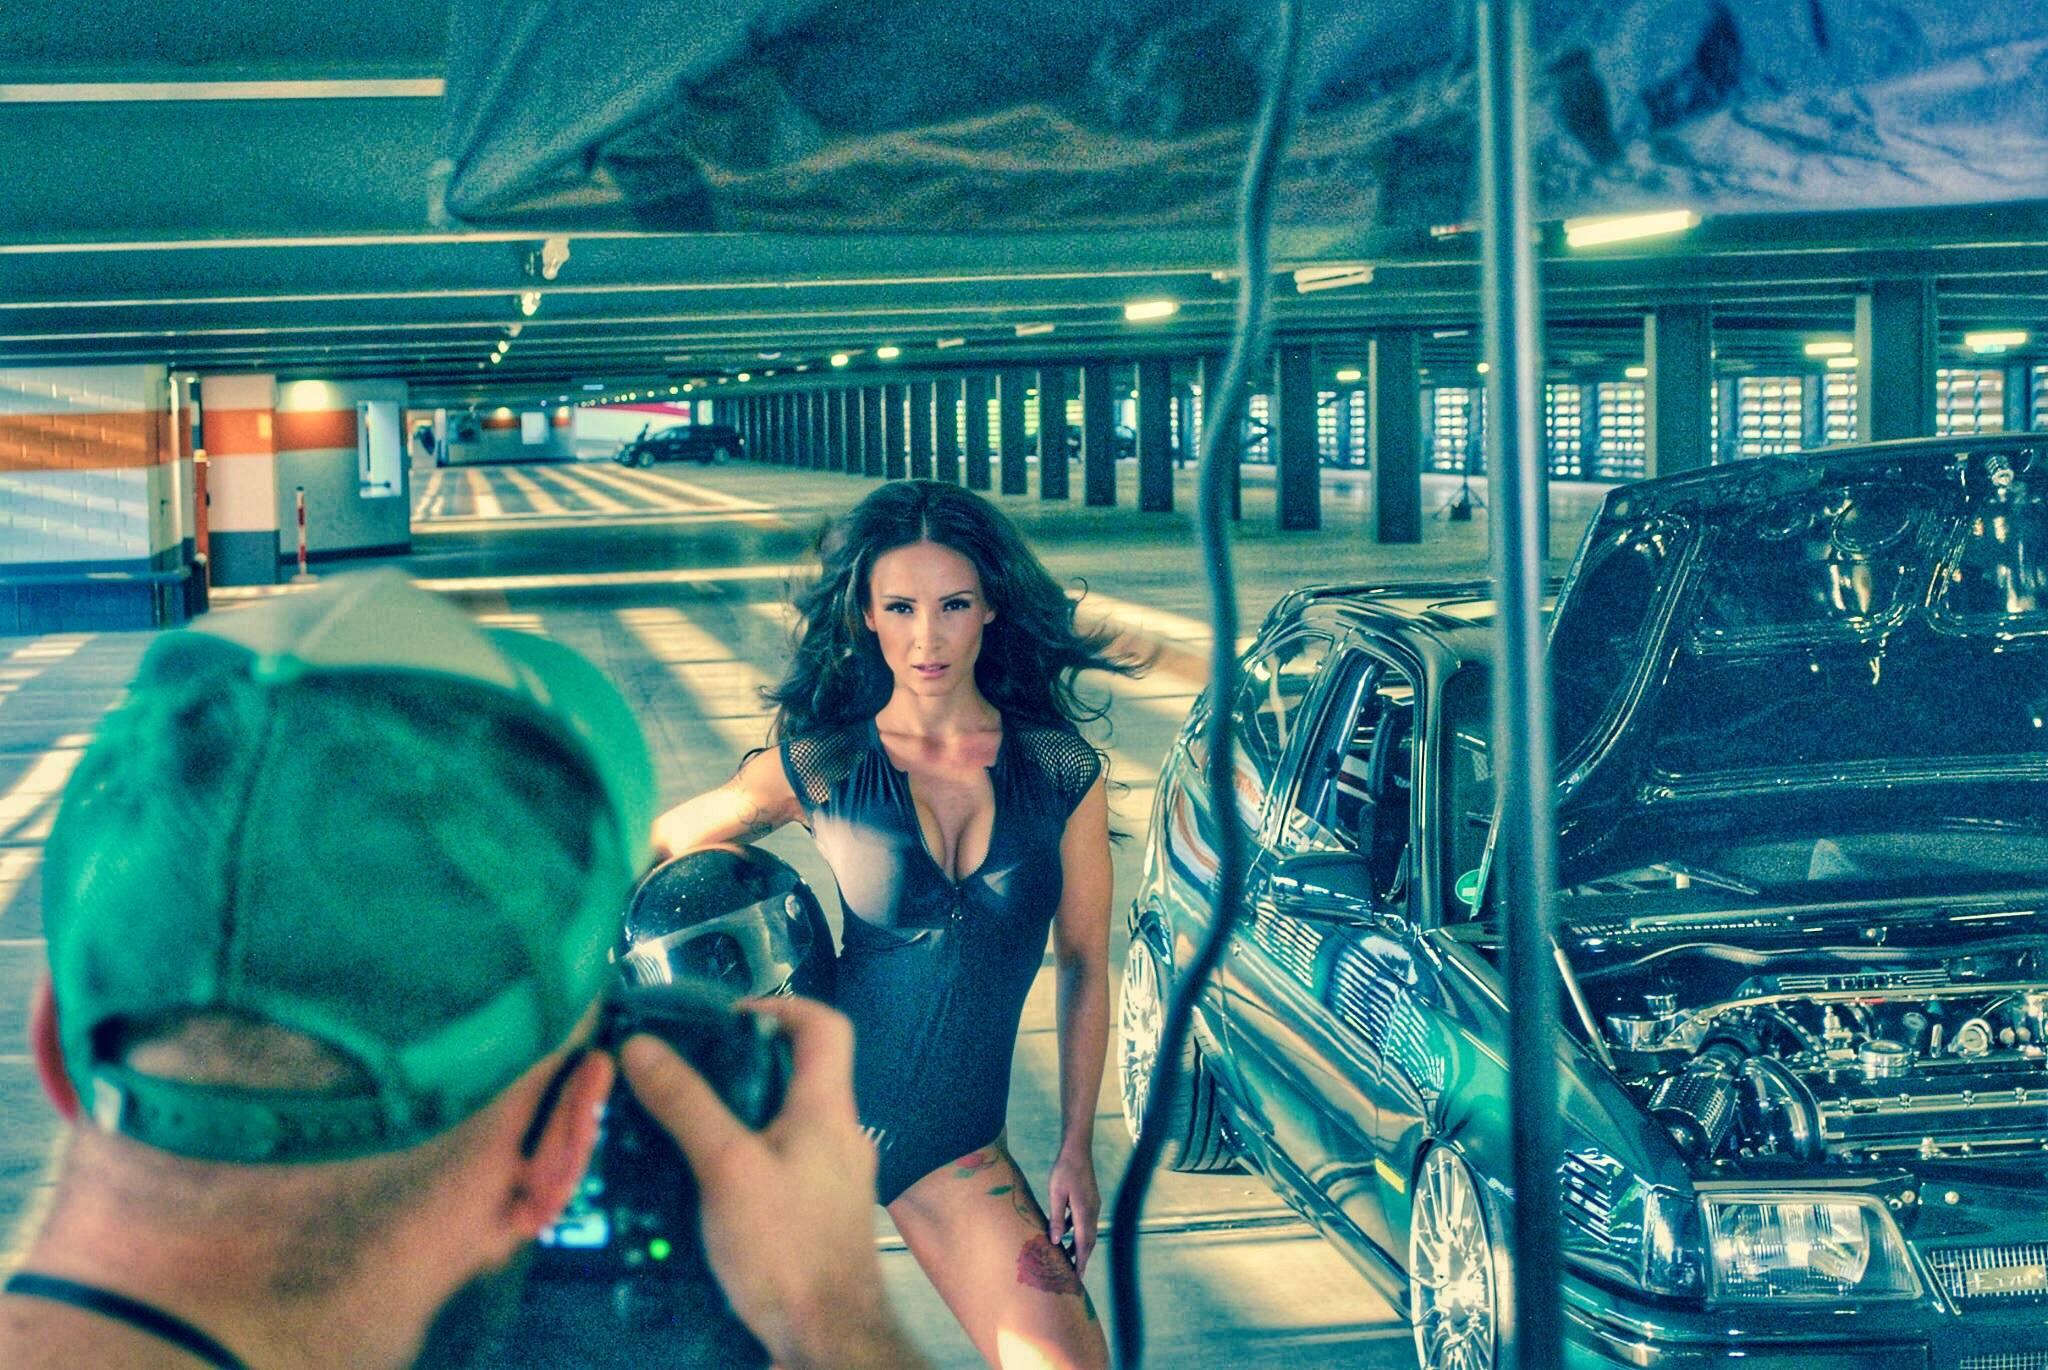 Nữ hoàng xe độ 2016- Miss Tuning 2016 Calendar 4